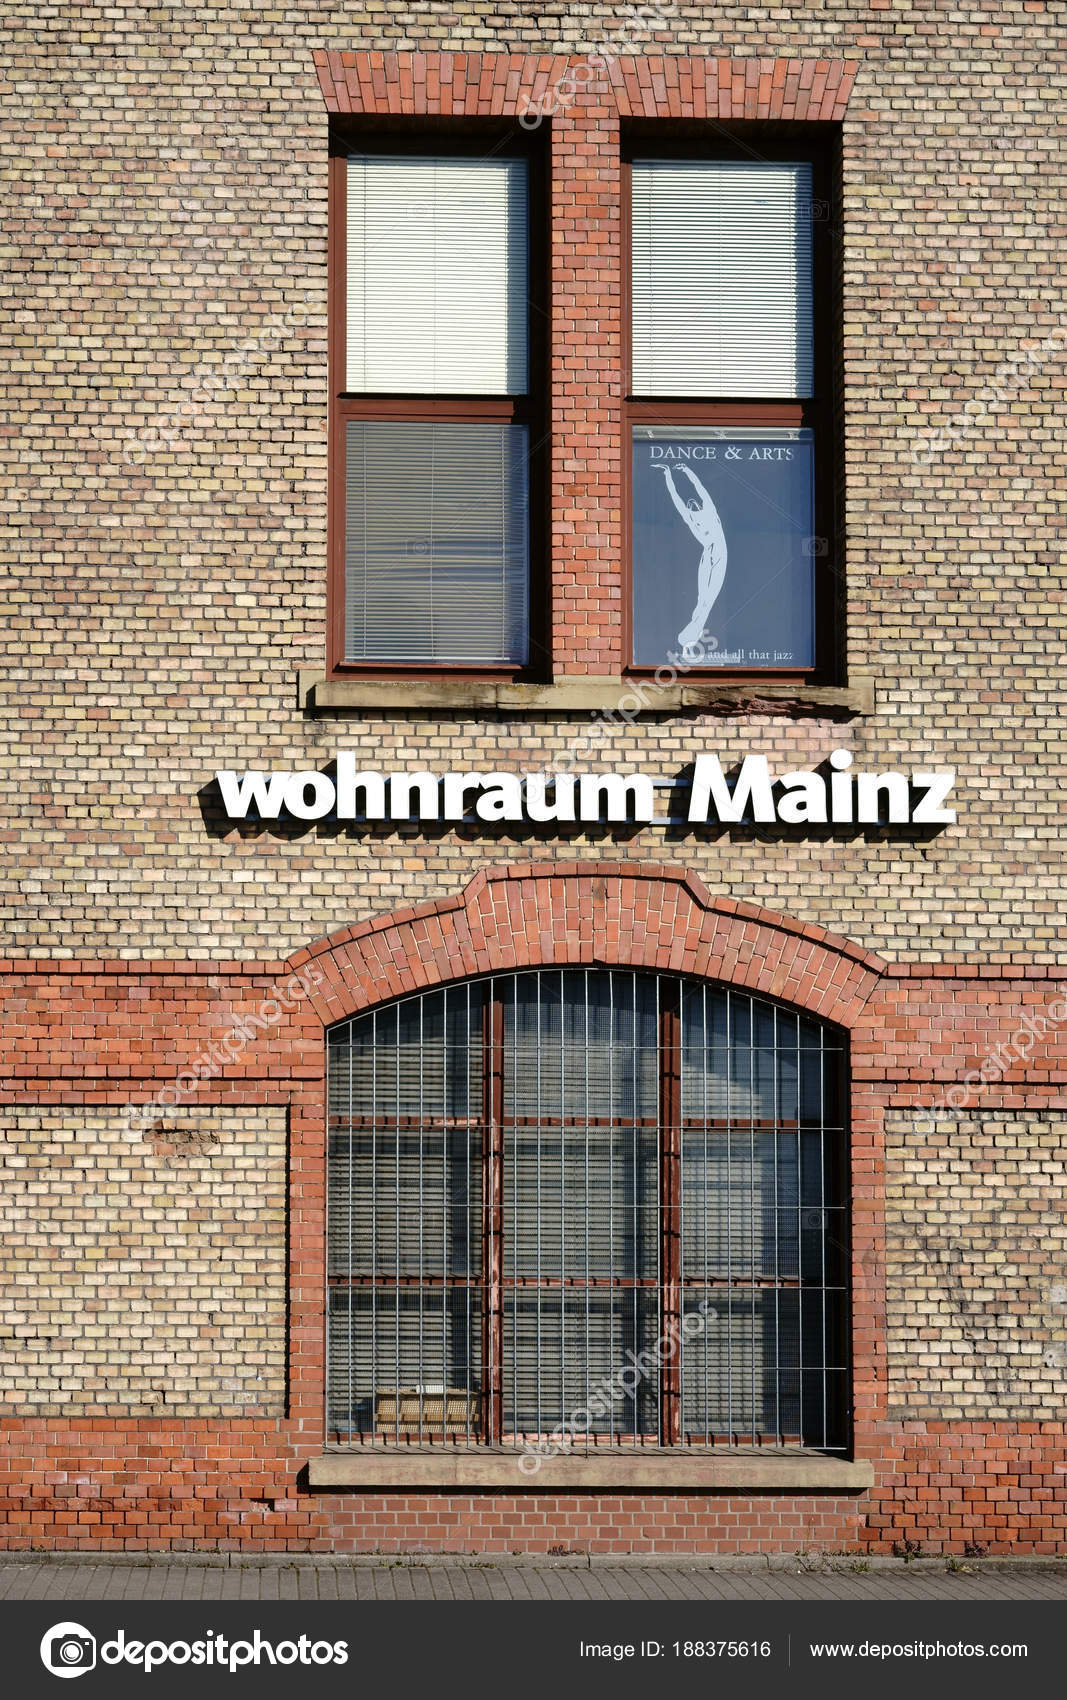 Möbel Markt Wohnraum Mainz Das Logo Der Wohnungseinrichtung Markt